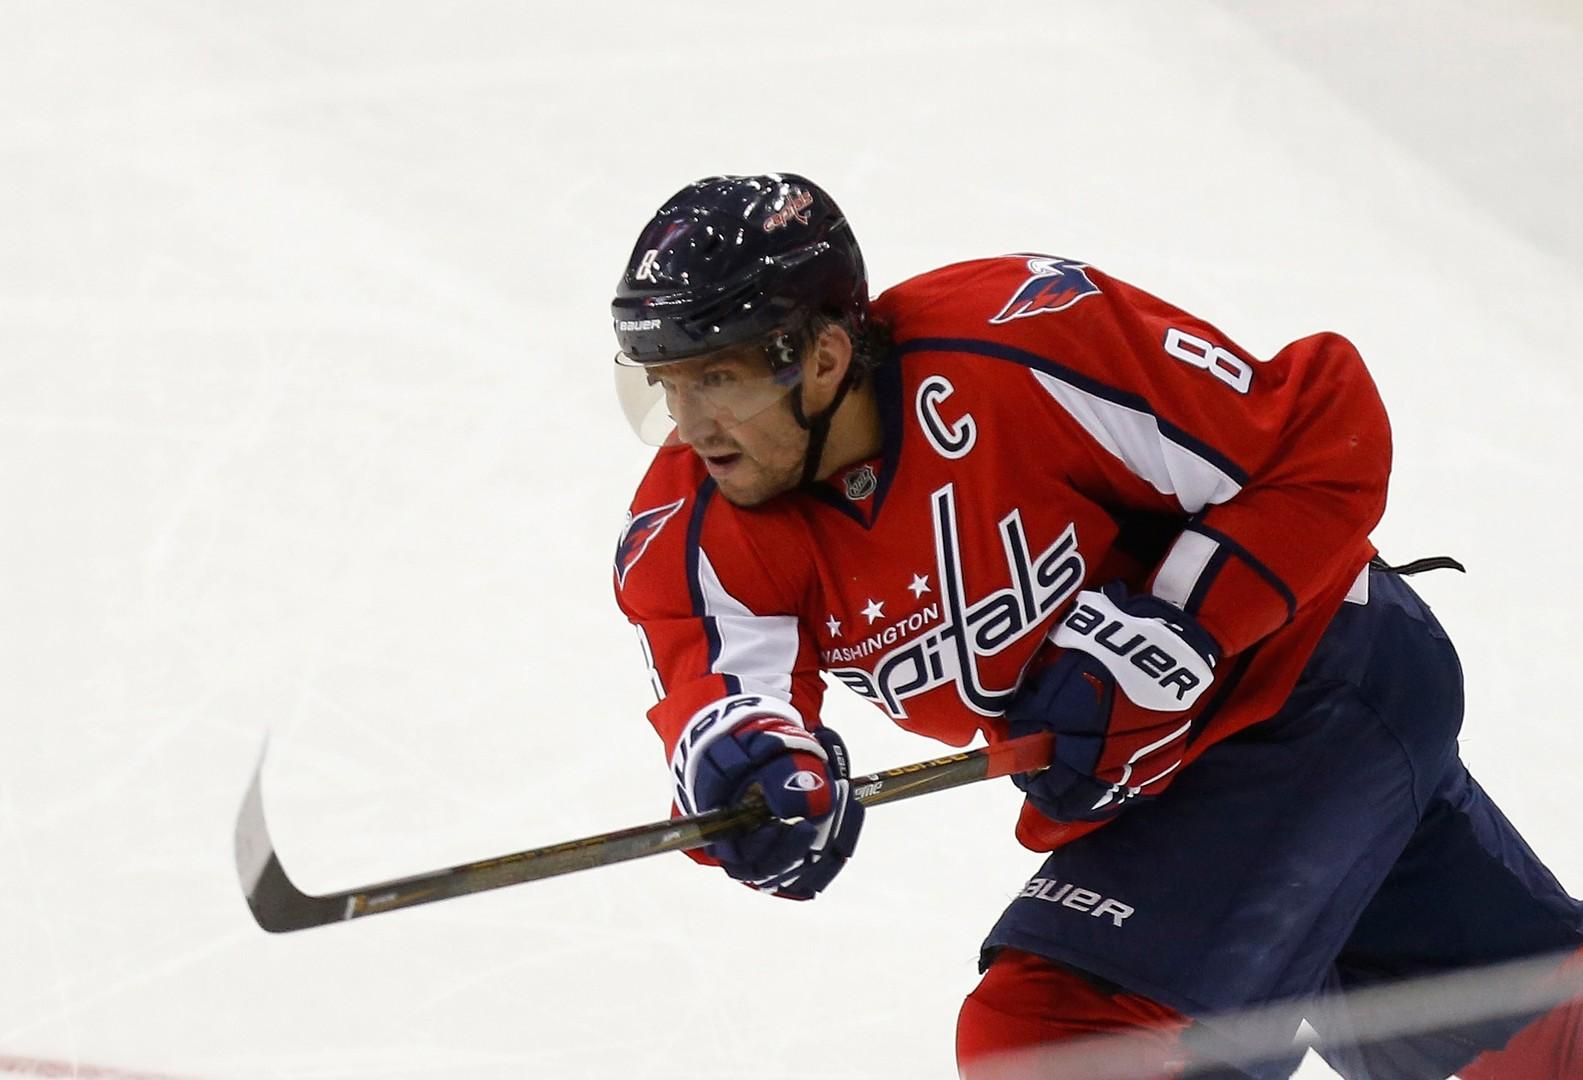 Панарин четвертовал Варламова, Овечкин выстрелил дуплетом: русское противостояние в НХЛ